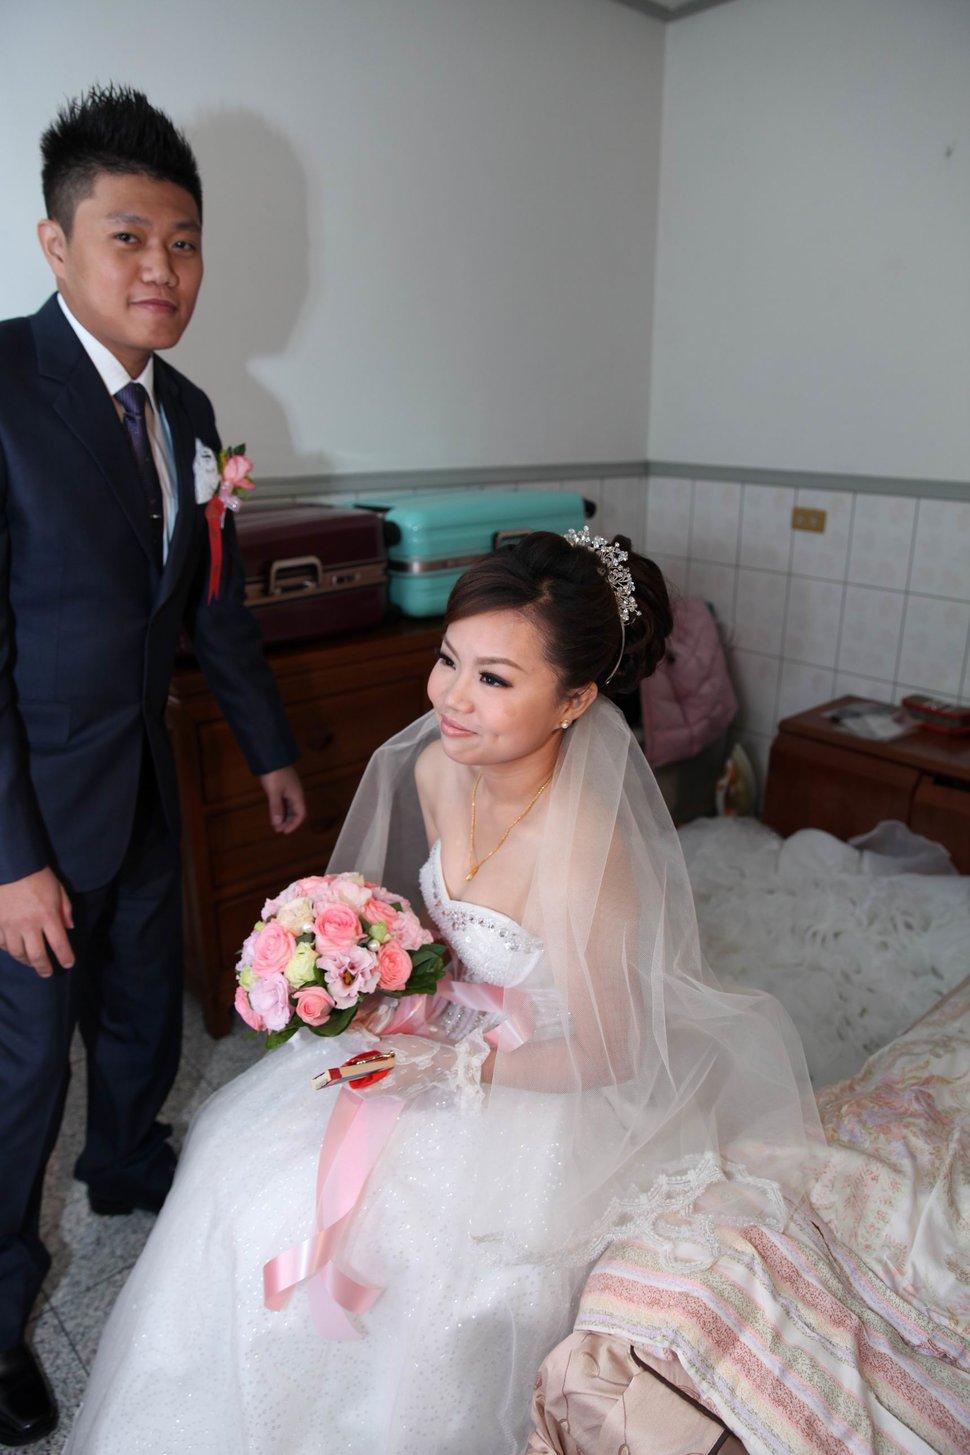 結婚迎娶午宴東達極品美饌結婚迎娶婚禮記錄動態微電影錄影專業錄影(編號:194030) - 蜜月拍照10800錄影12800攝影團隊 - 結婚吧